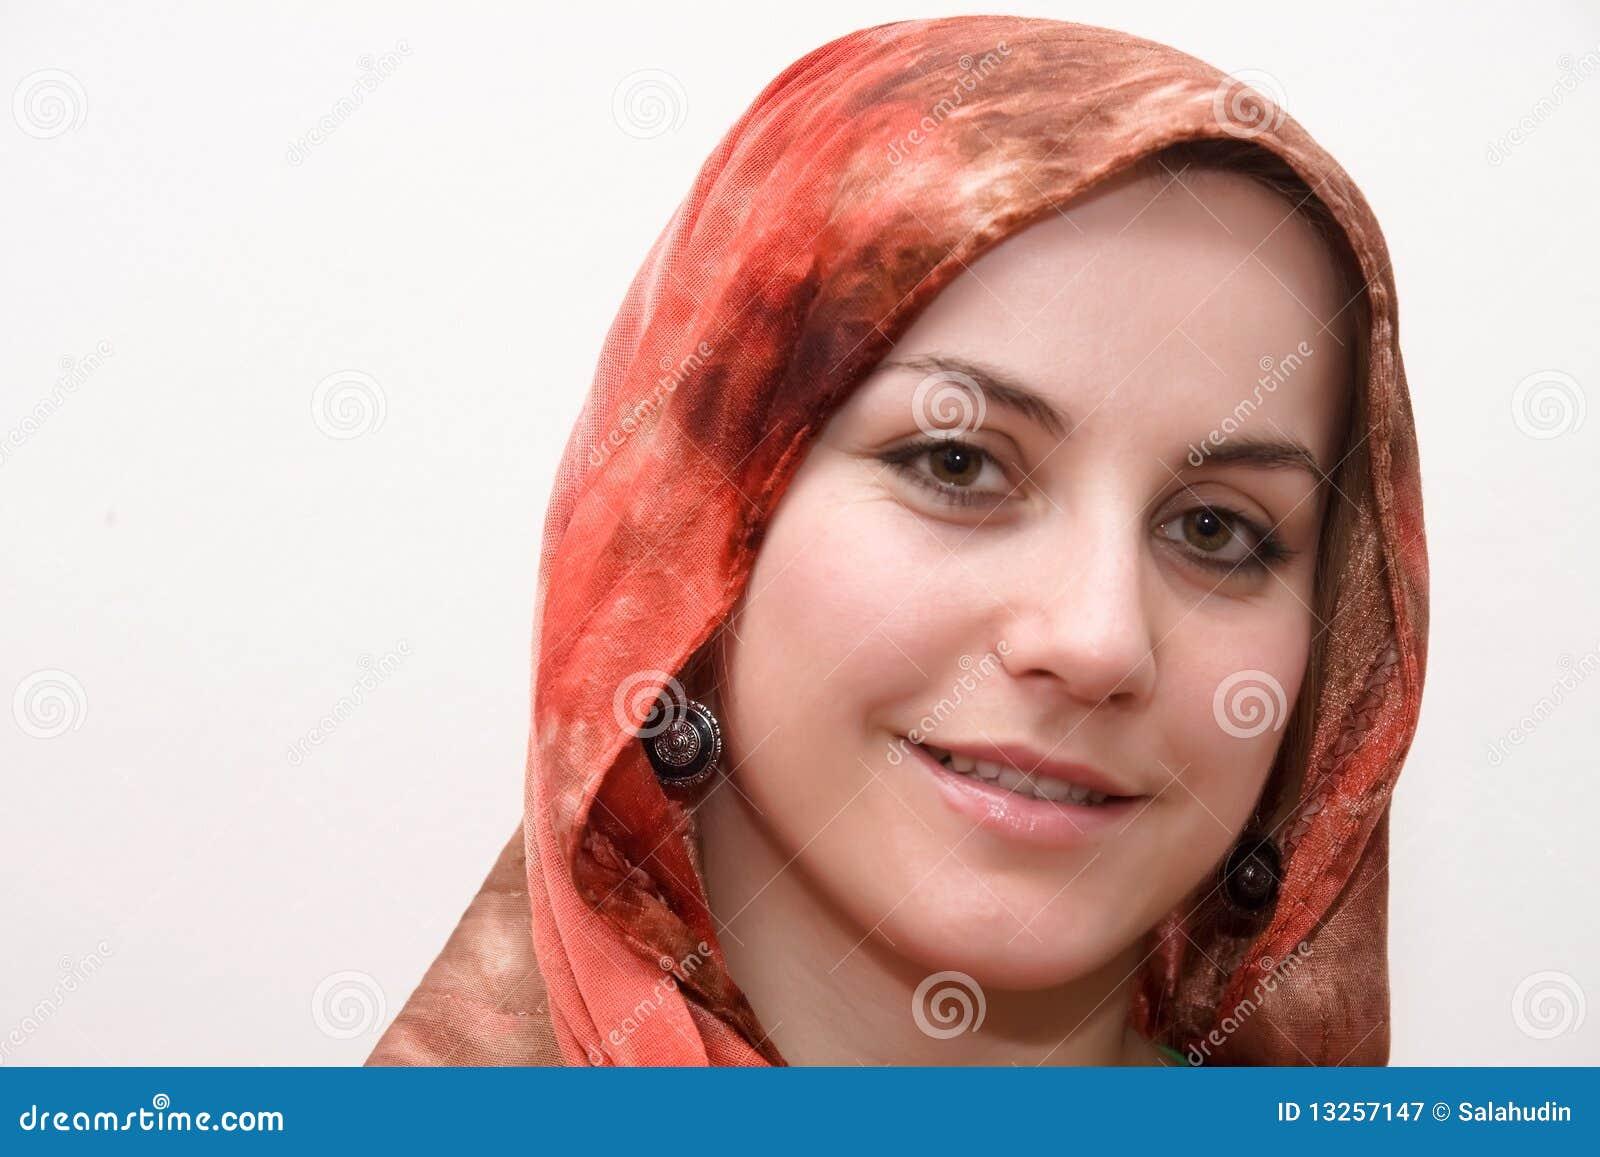 islamische frauen kennenlernen Ich habe eine frau kennengelernt, nicht-muslima, wir haben zeit miteinander verbracht (haram), viel zeit wir haben gekocht,spazieren gehen,einkaufen islamischen recht ablaufen kann und wird alleine schon weil ihre eltern sind keine muslime, trotzdem will ich sie natürlich vorher kennenlernen.